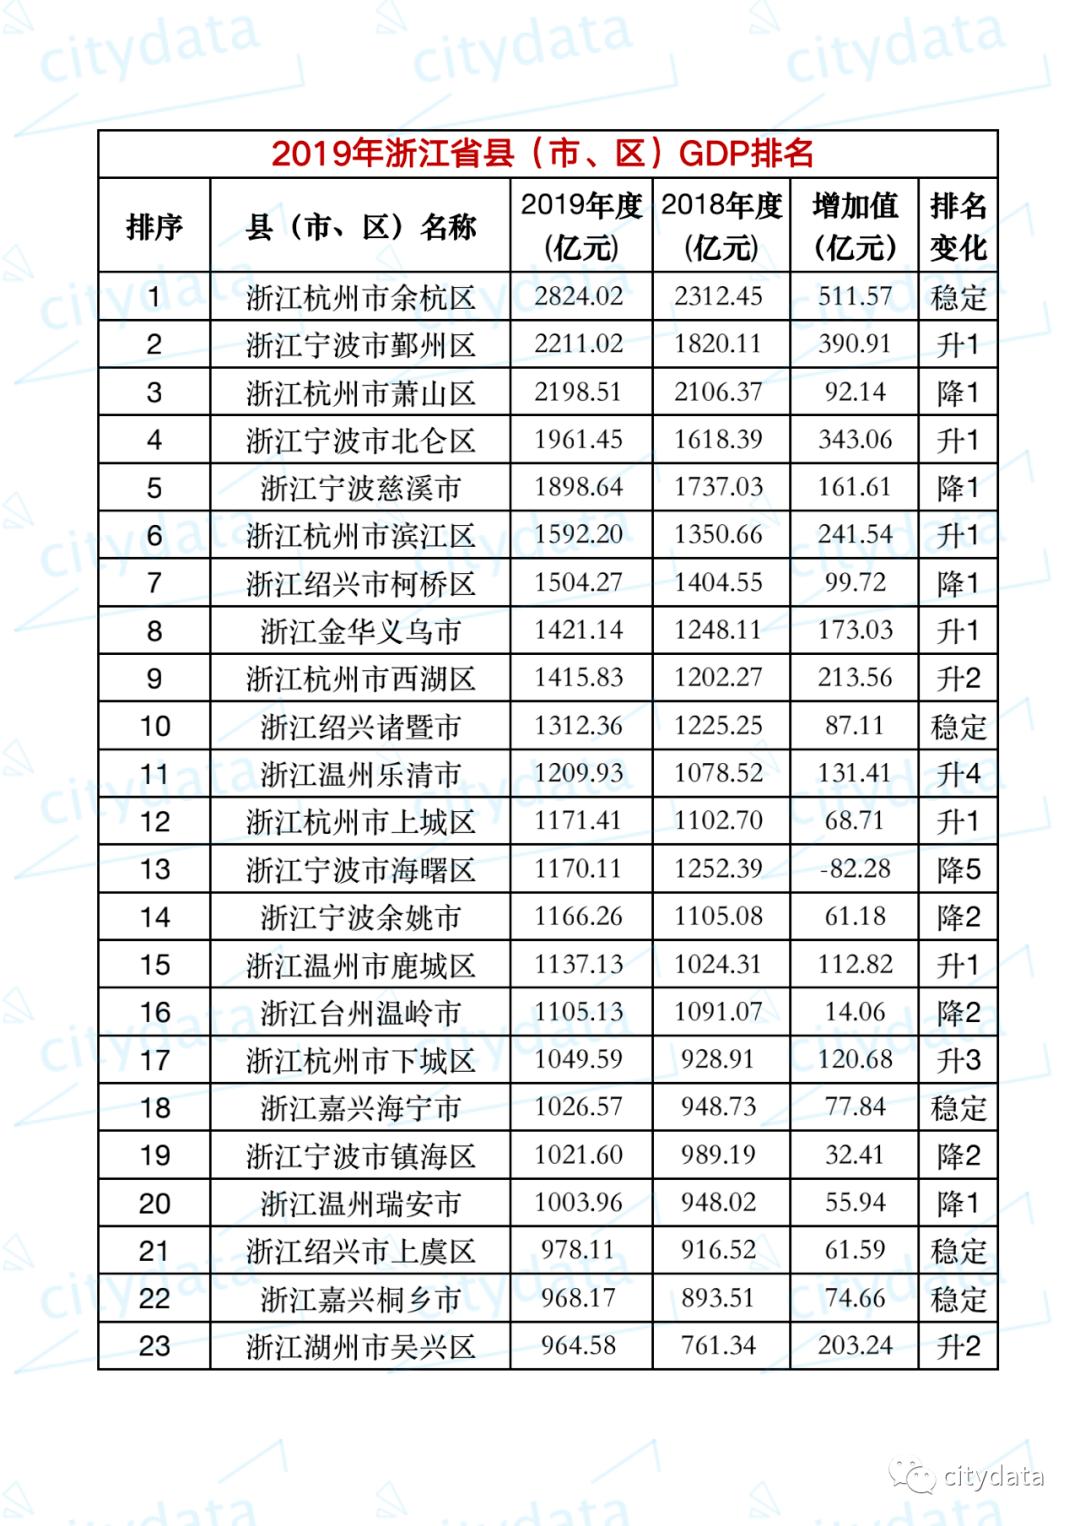 台州路桥区gdp排名_2020年度台州各县市区GDP排名揭晓,临海排在